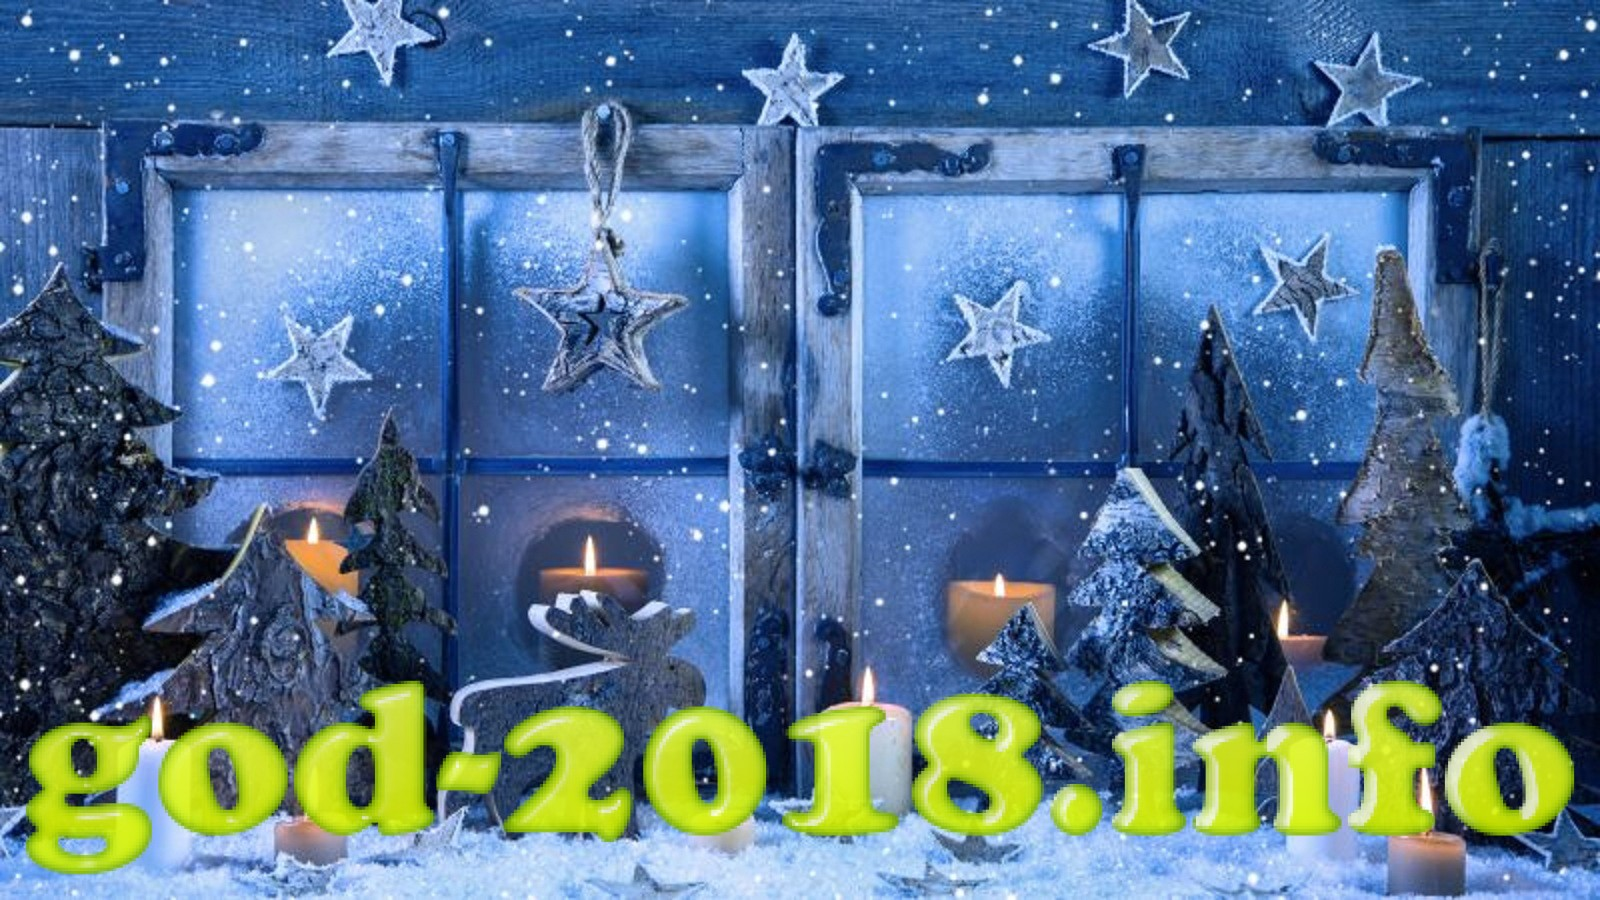 kak-pozdravit-koleg-i-sotrudnikov-s-novym-godom-2018